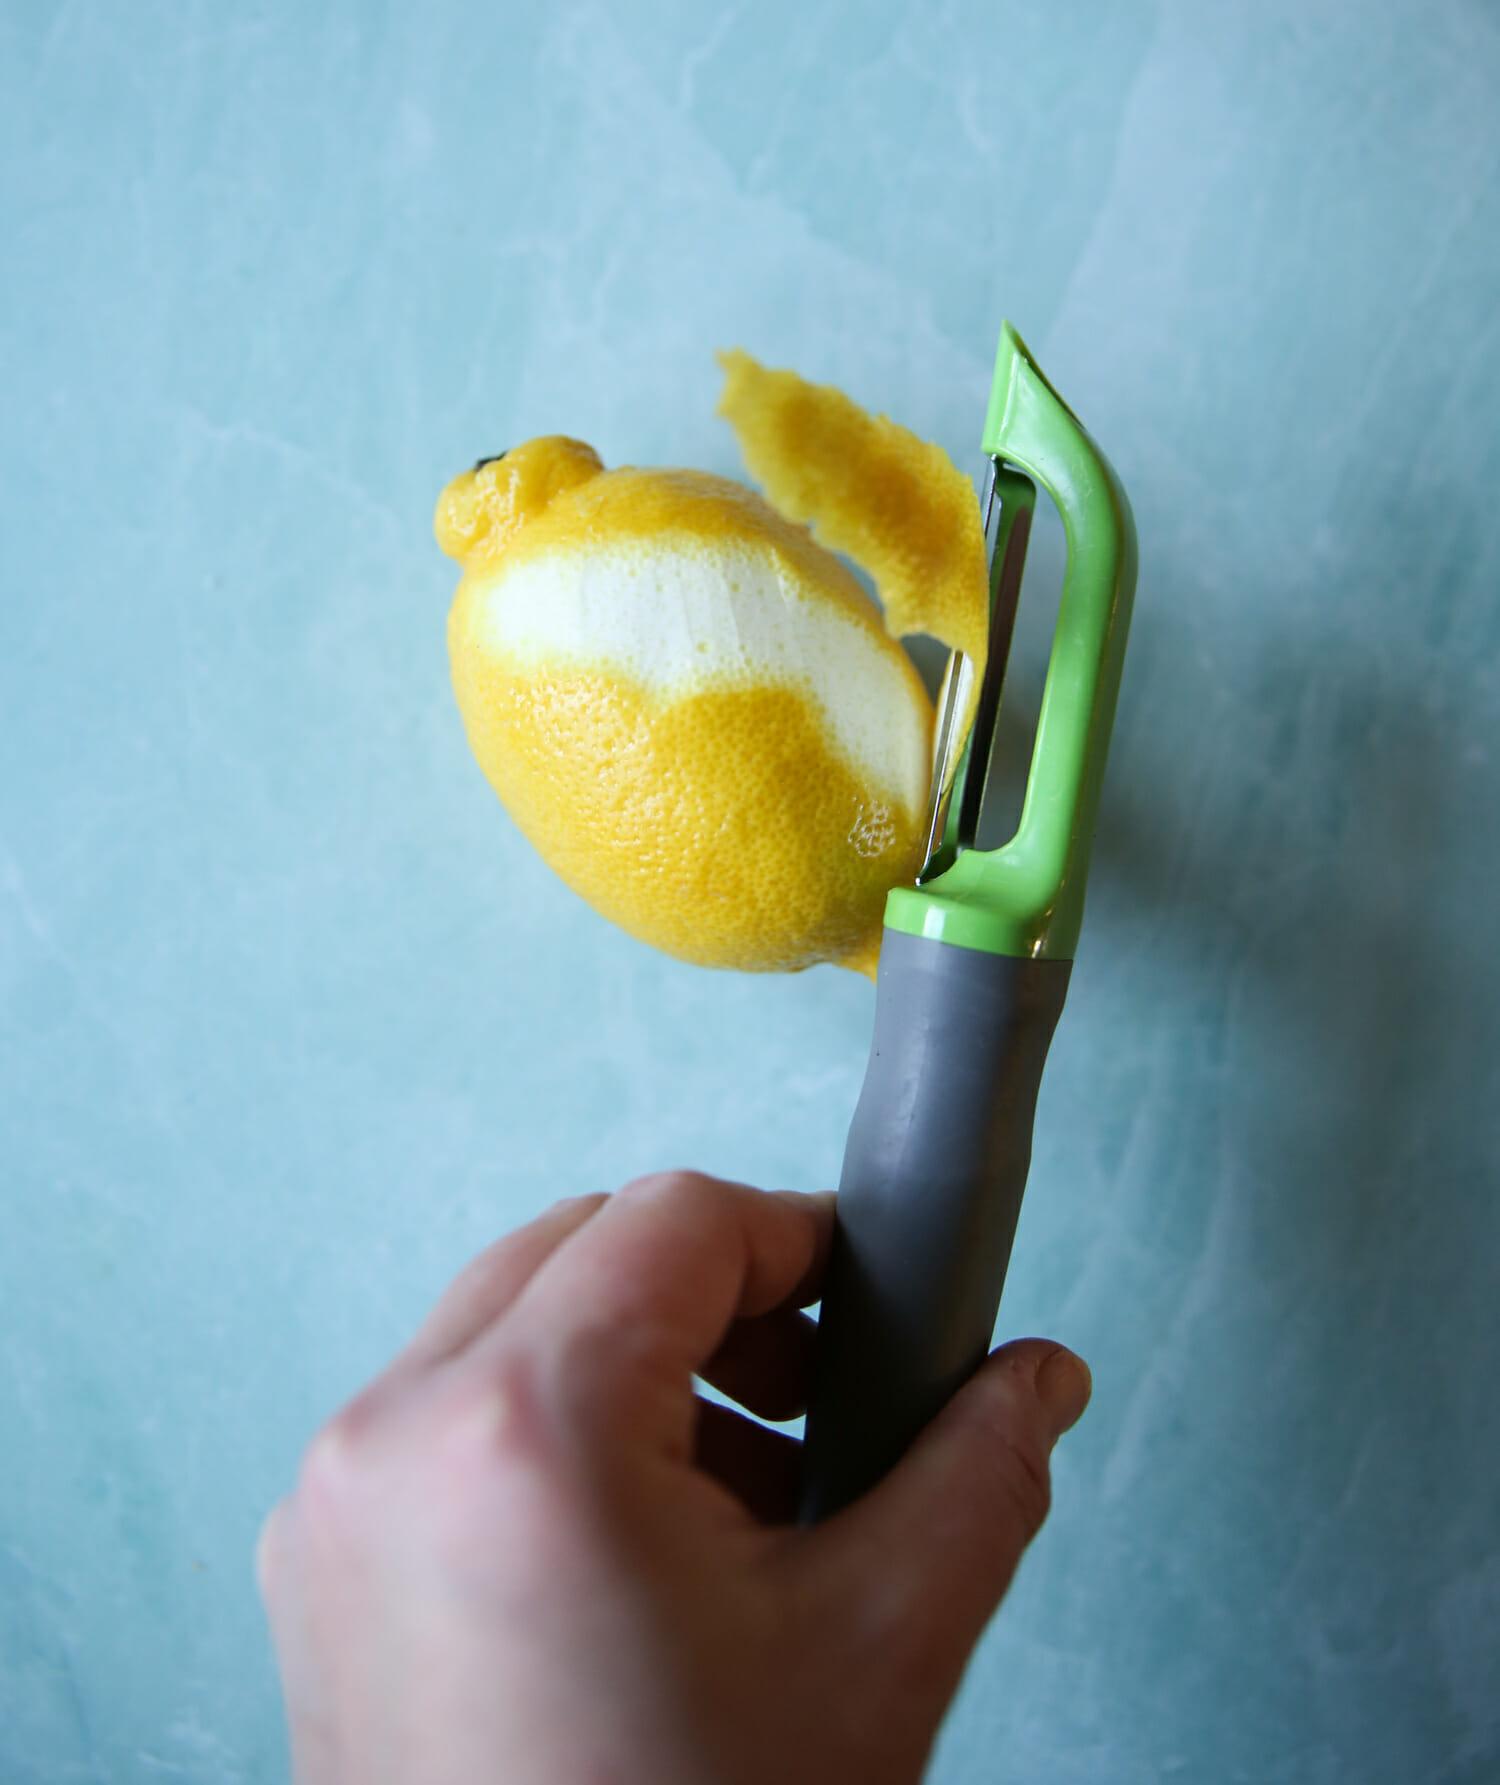 peeling a lemon